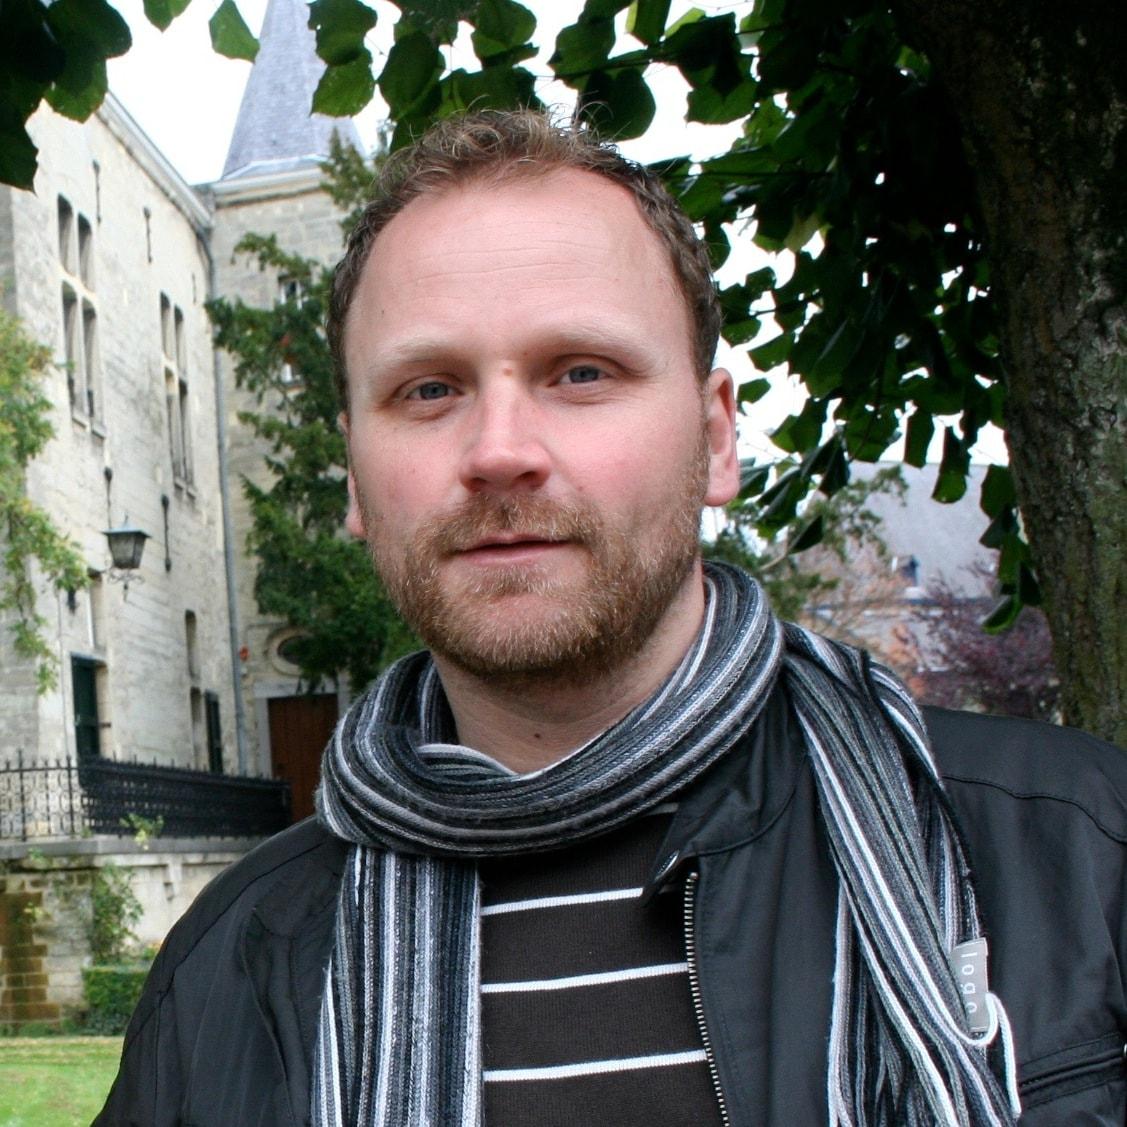 Jorgen from Amsterdam